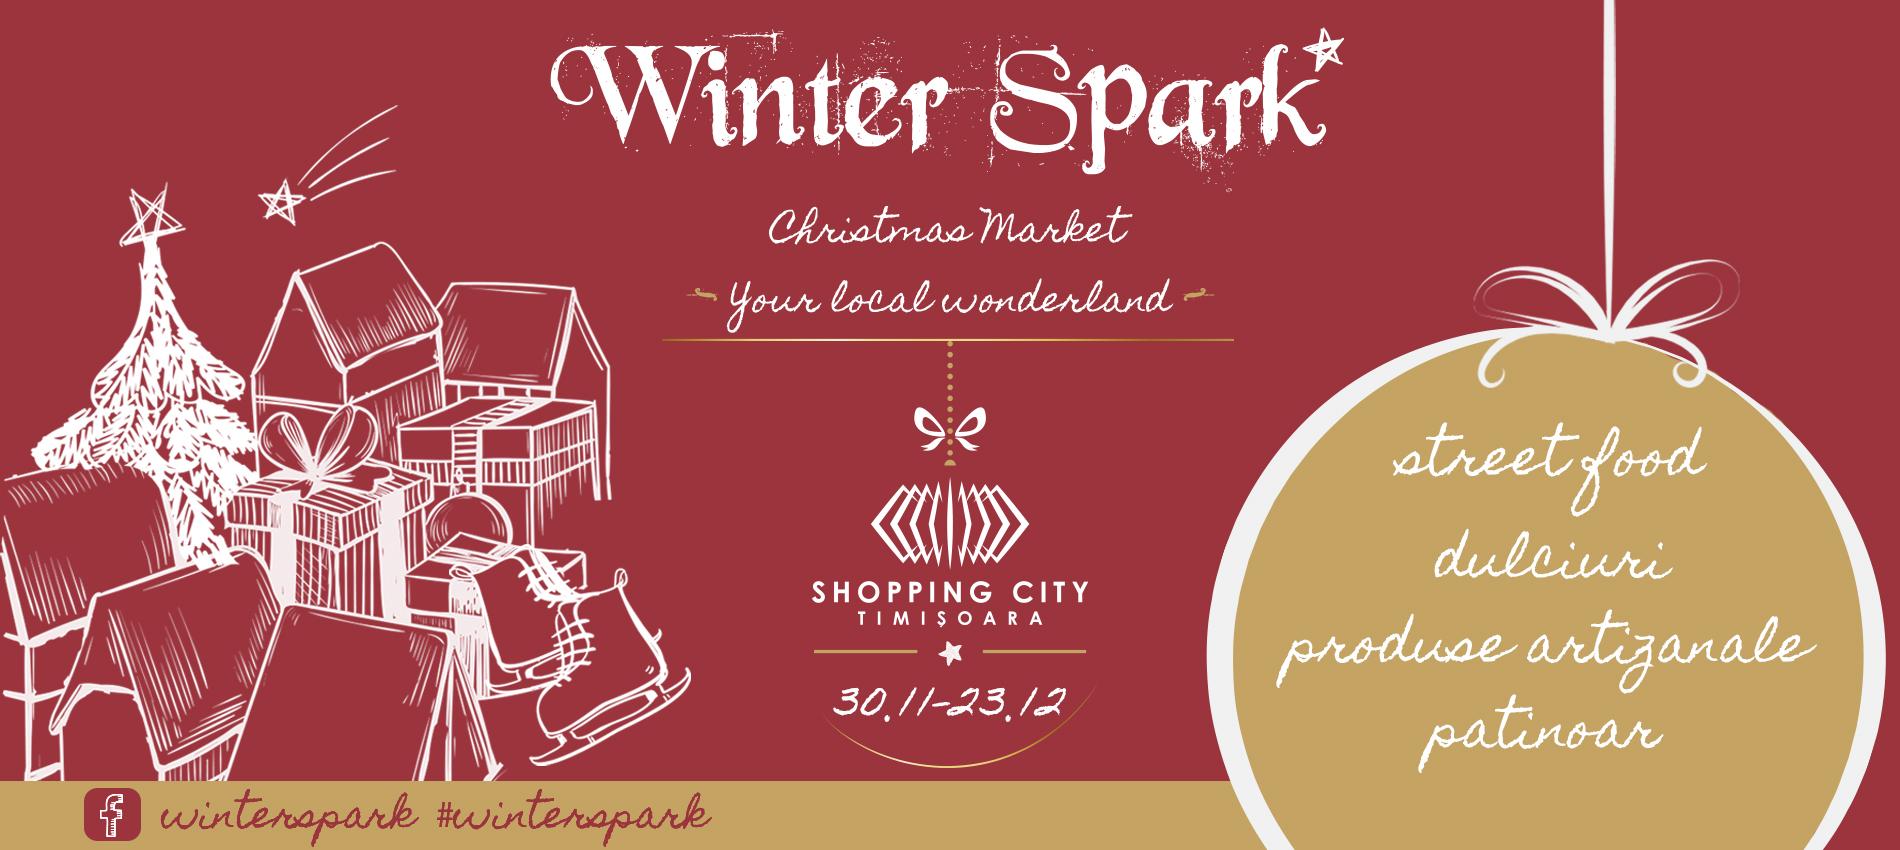 Winter Spark - târg de Crăciun magic, la Shopping City Timișoara!